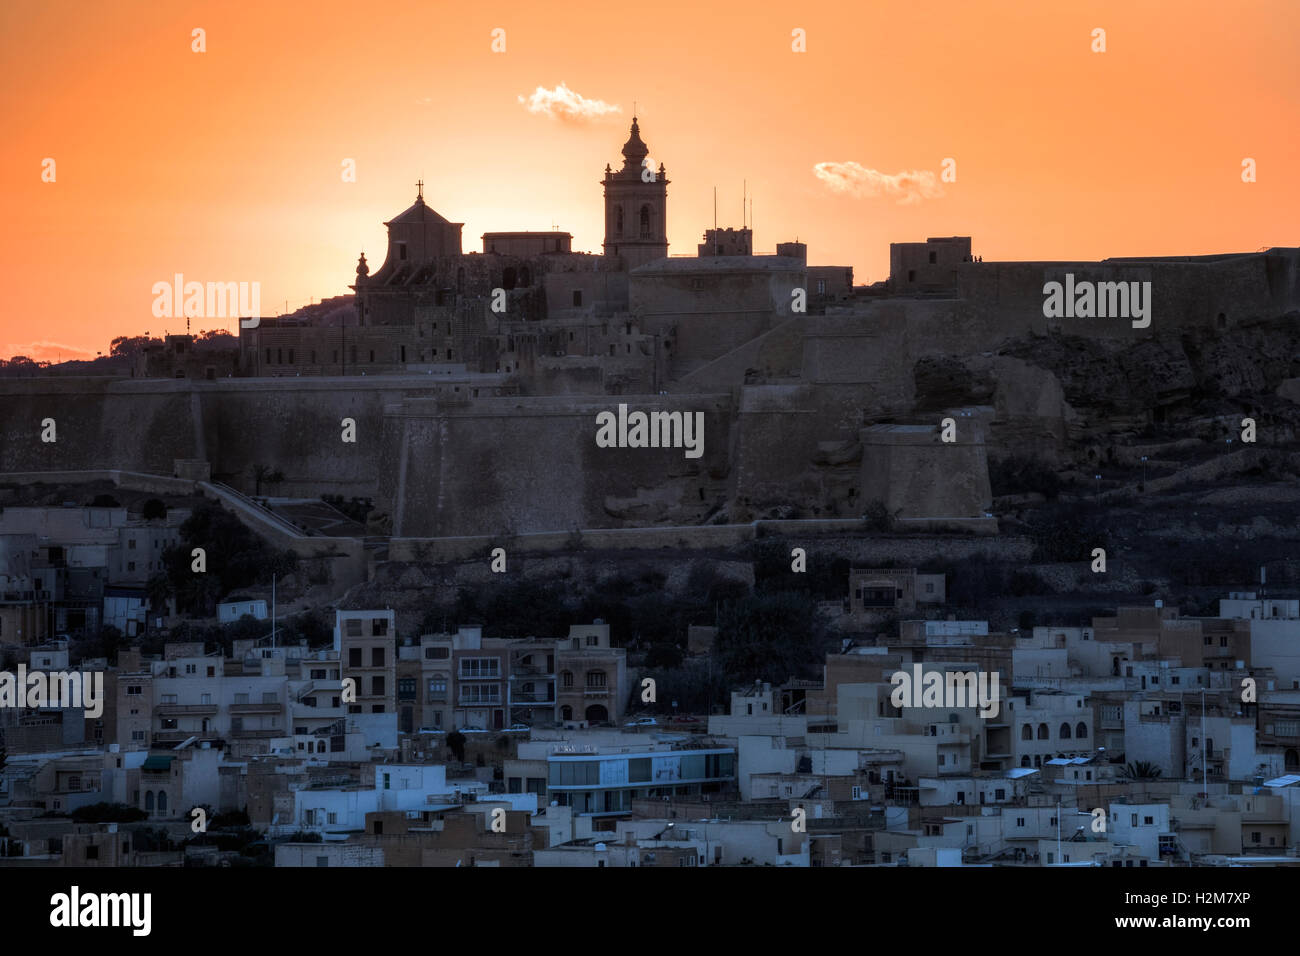 Cathédrale, coucher de soleil, Cittadella, Victoria, Gozo, Malte Photo Stock